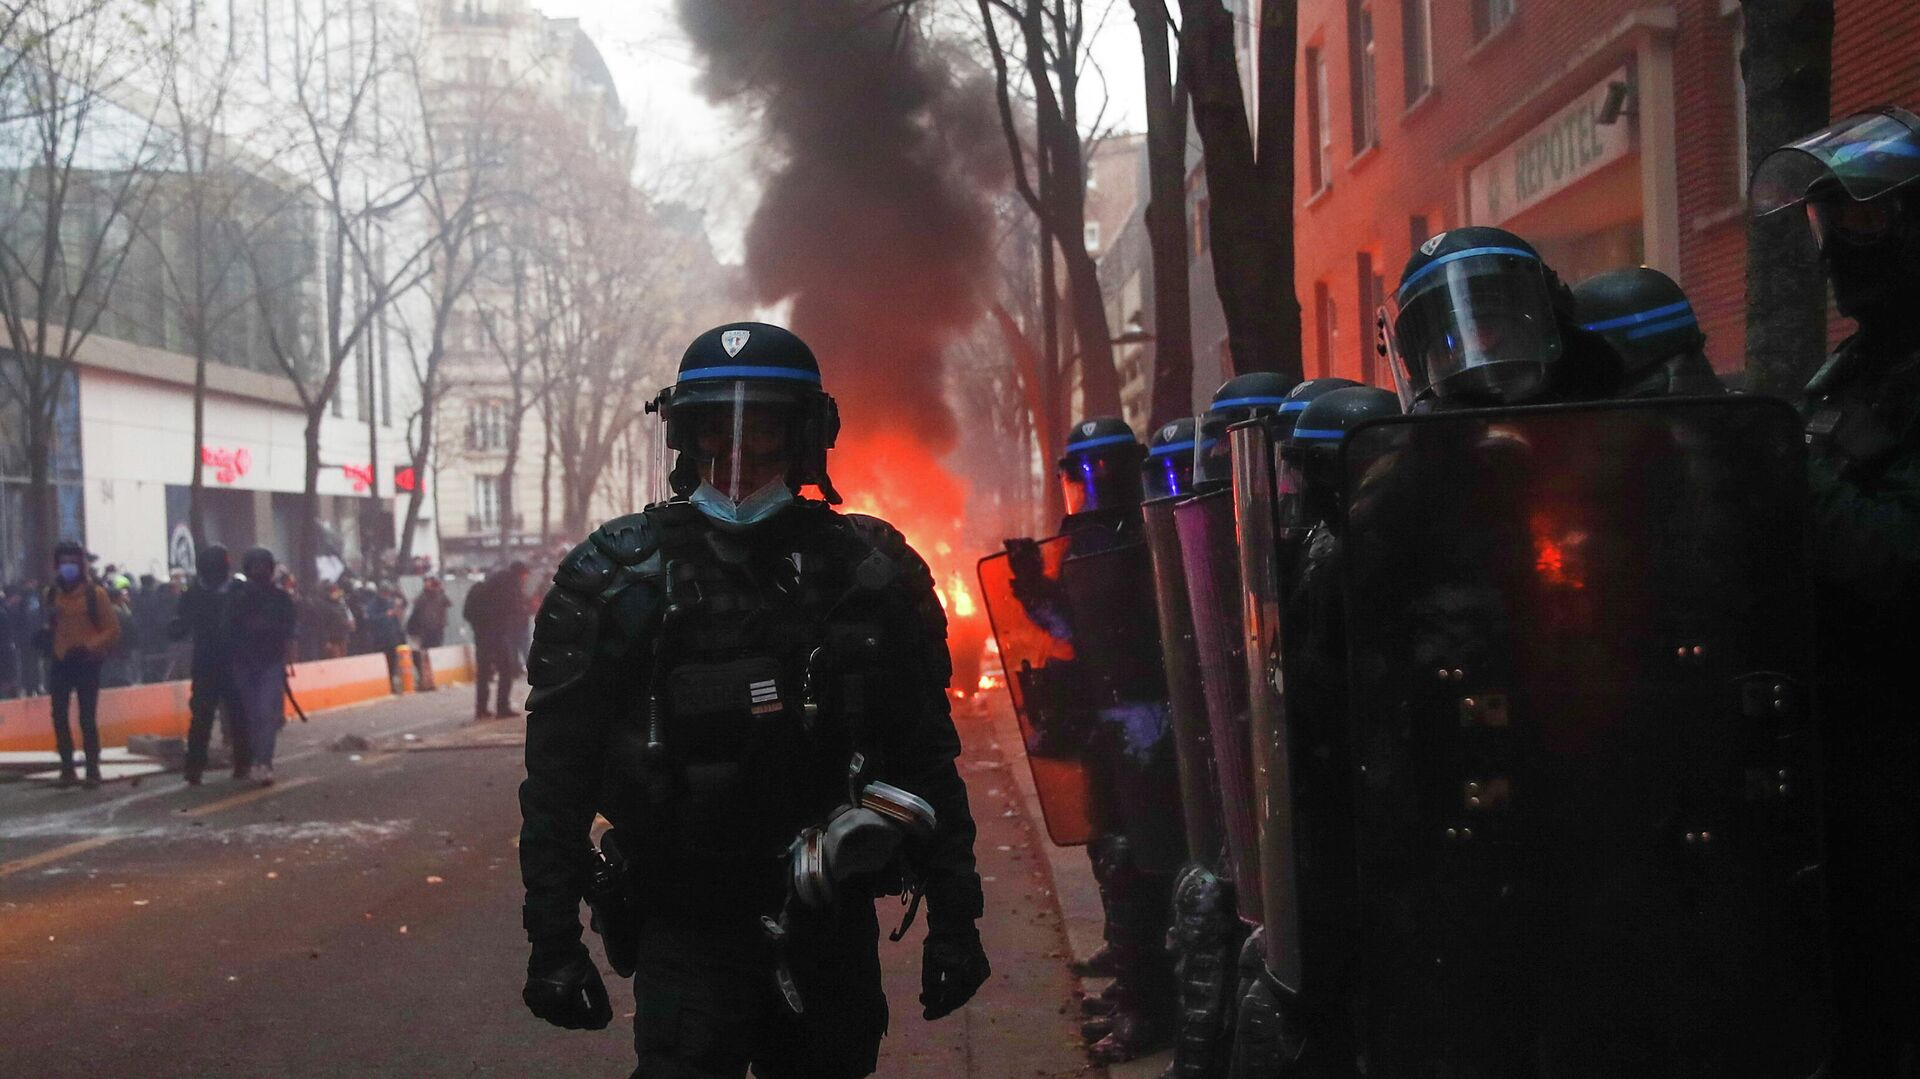 Полиция акции протеста против законопроекта О глобальной безопасности в Париже - РИА Новости, 1920, 05.12.2020